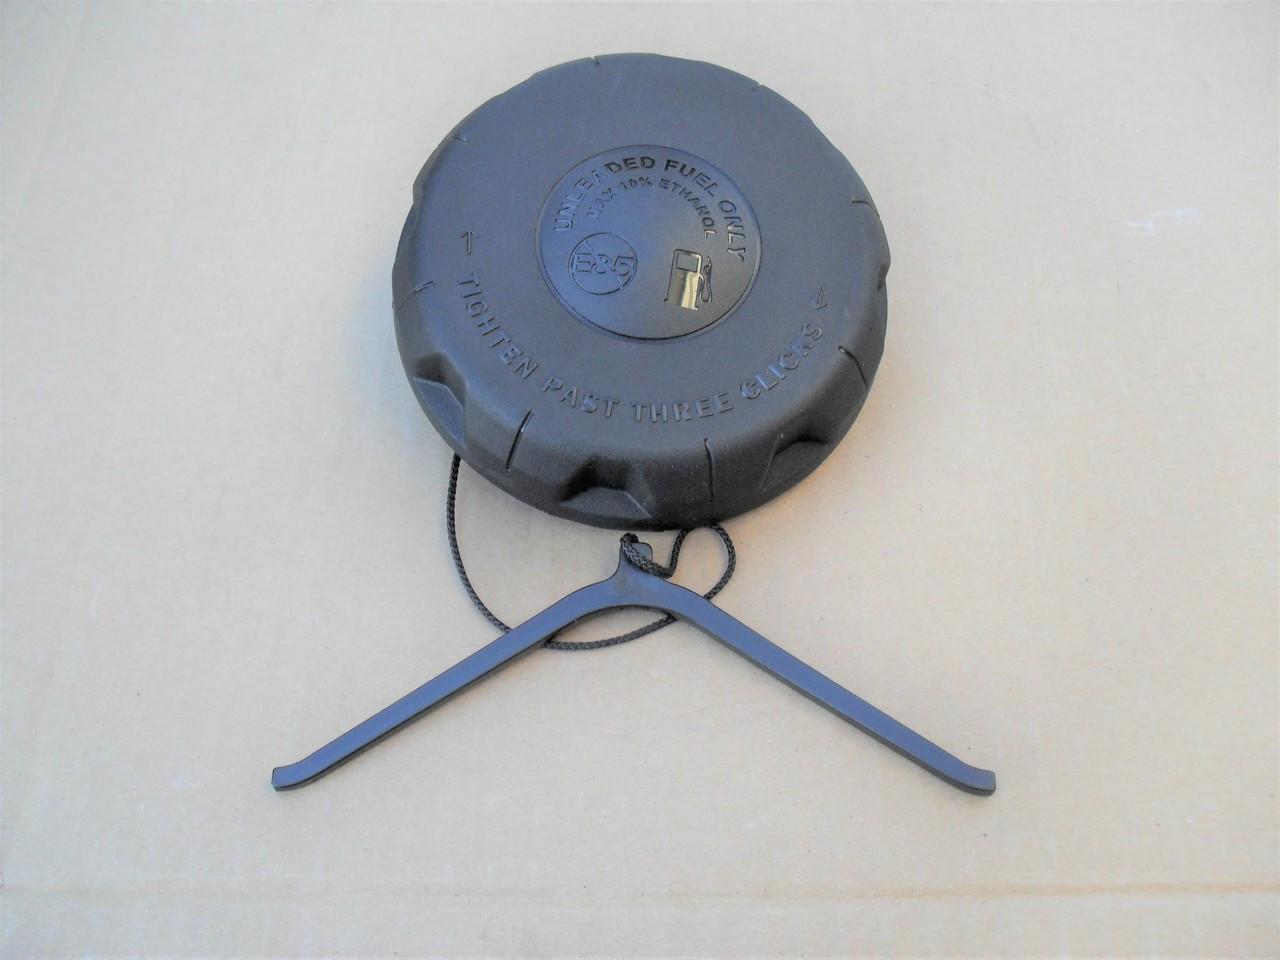 medium resolution of gas fuel cap for troy bilt colt sp 751 3124d 951 3124d 951 3124e id 3 1 4